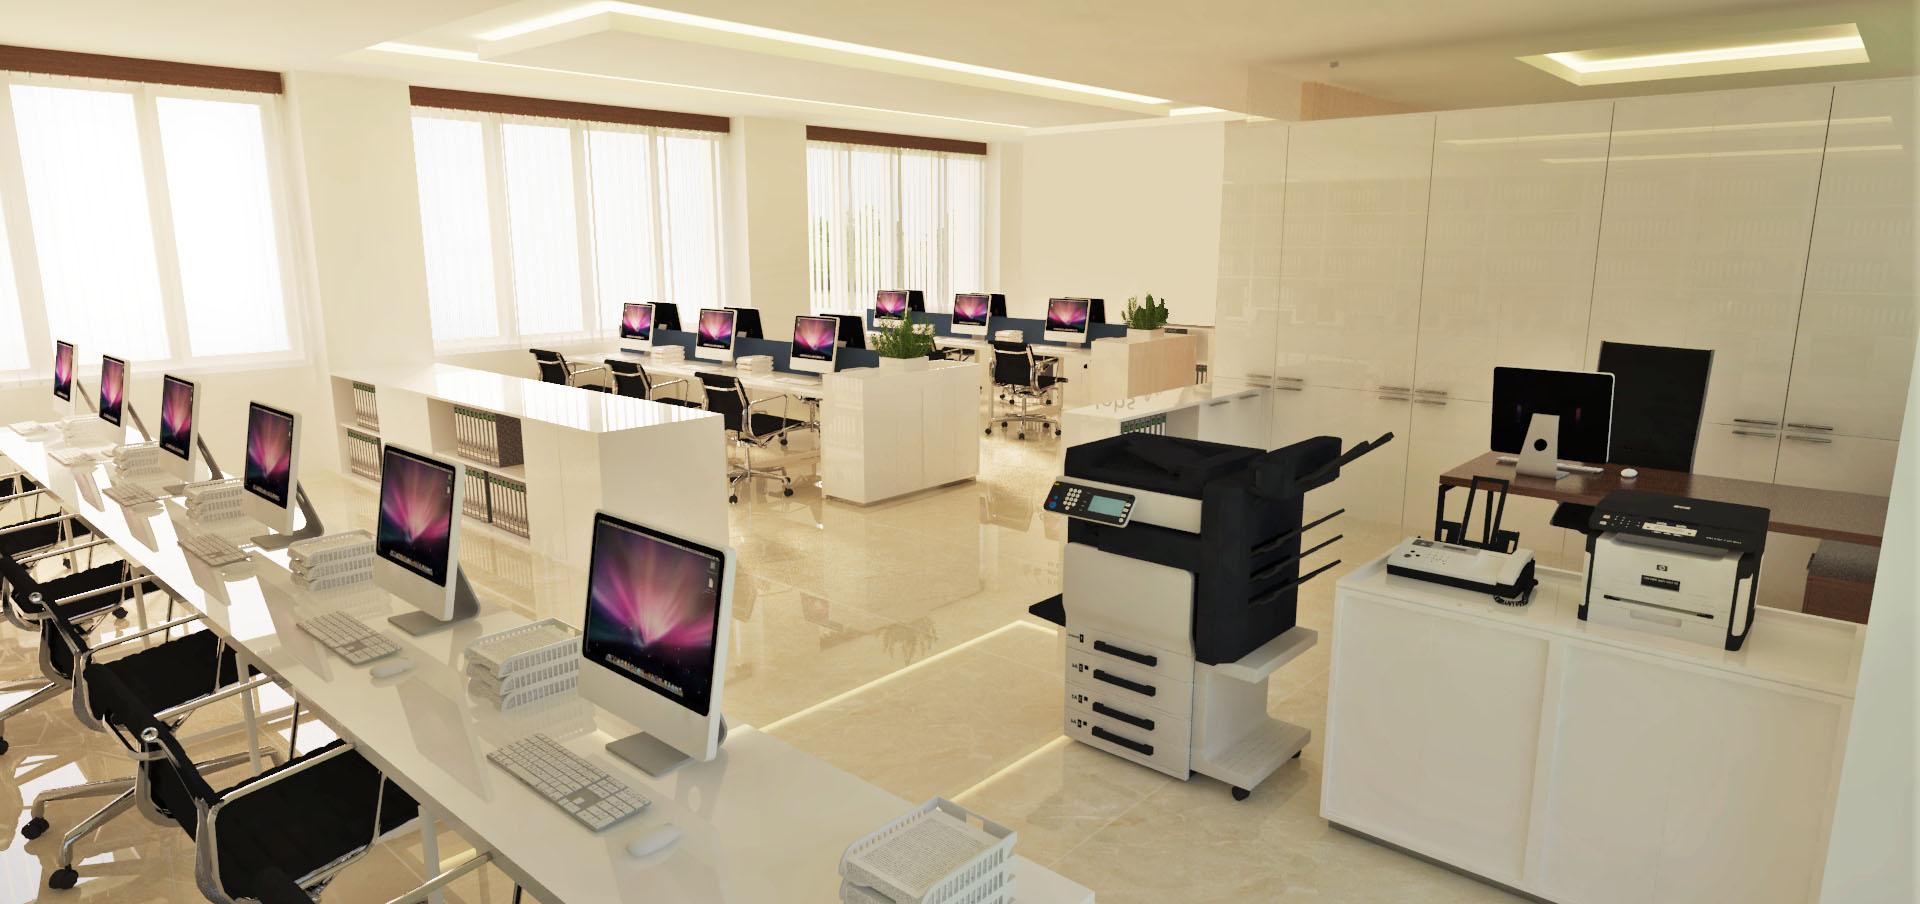 Văn phòng công ty cổ phần Vĩnh Hoàn